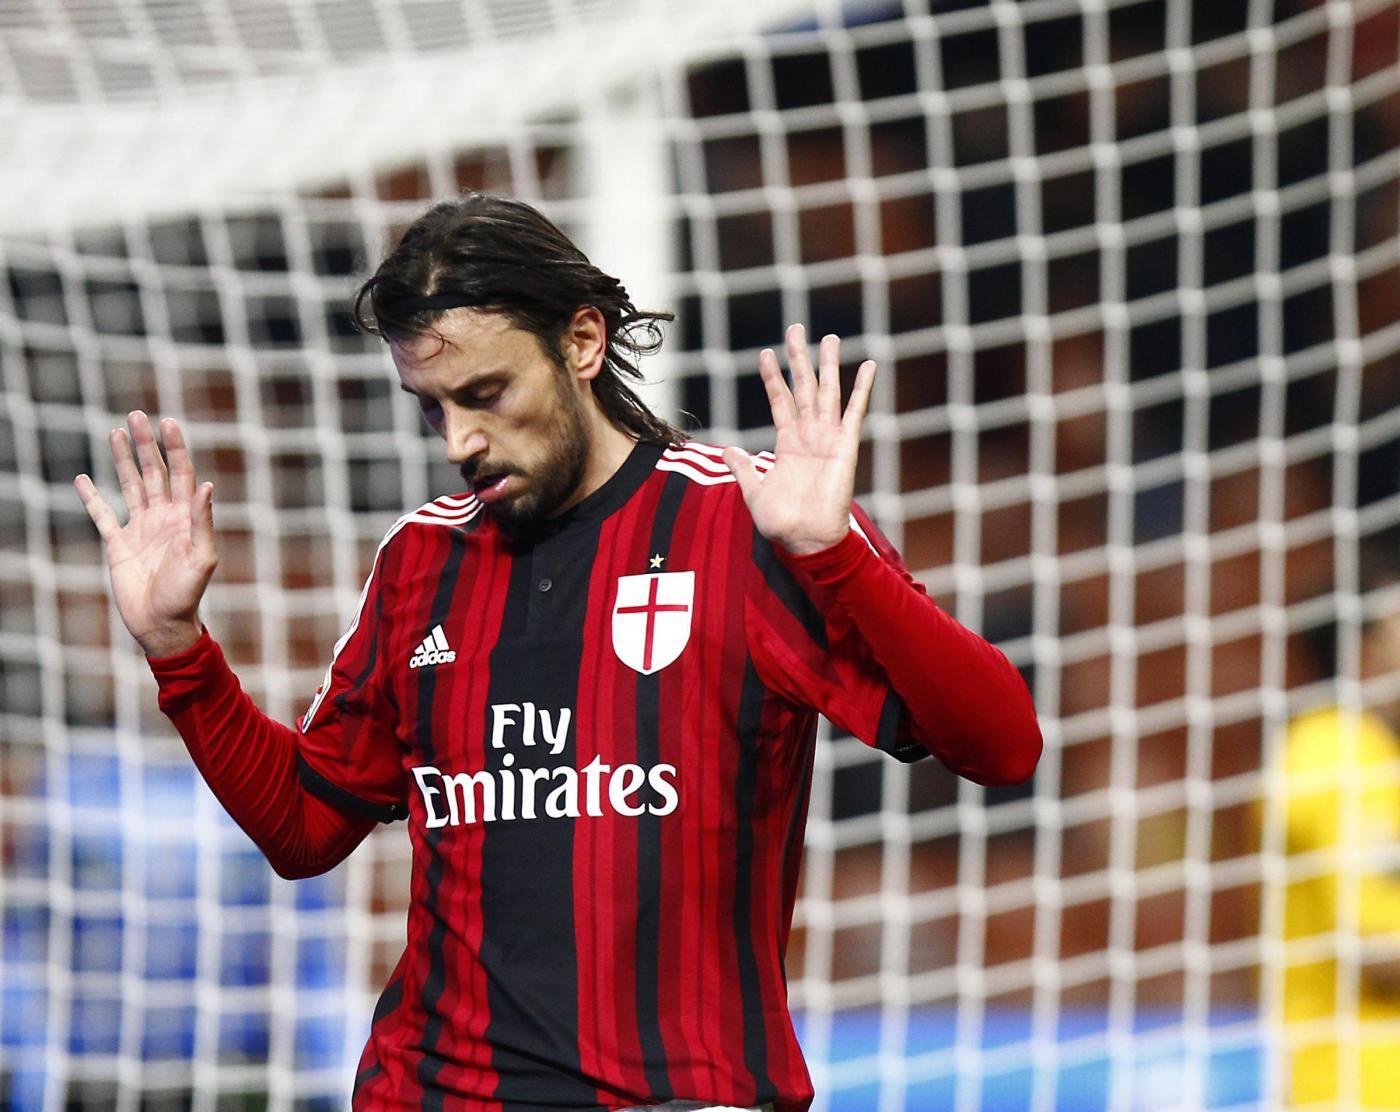 Calciomercato Inter, per la fascia destra si pensa anche a Zaccardo